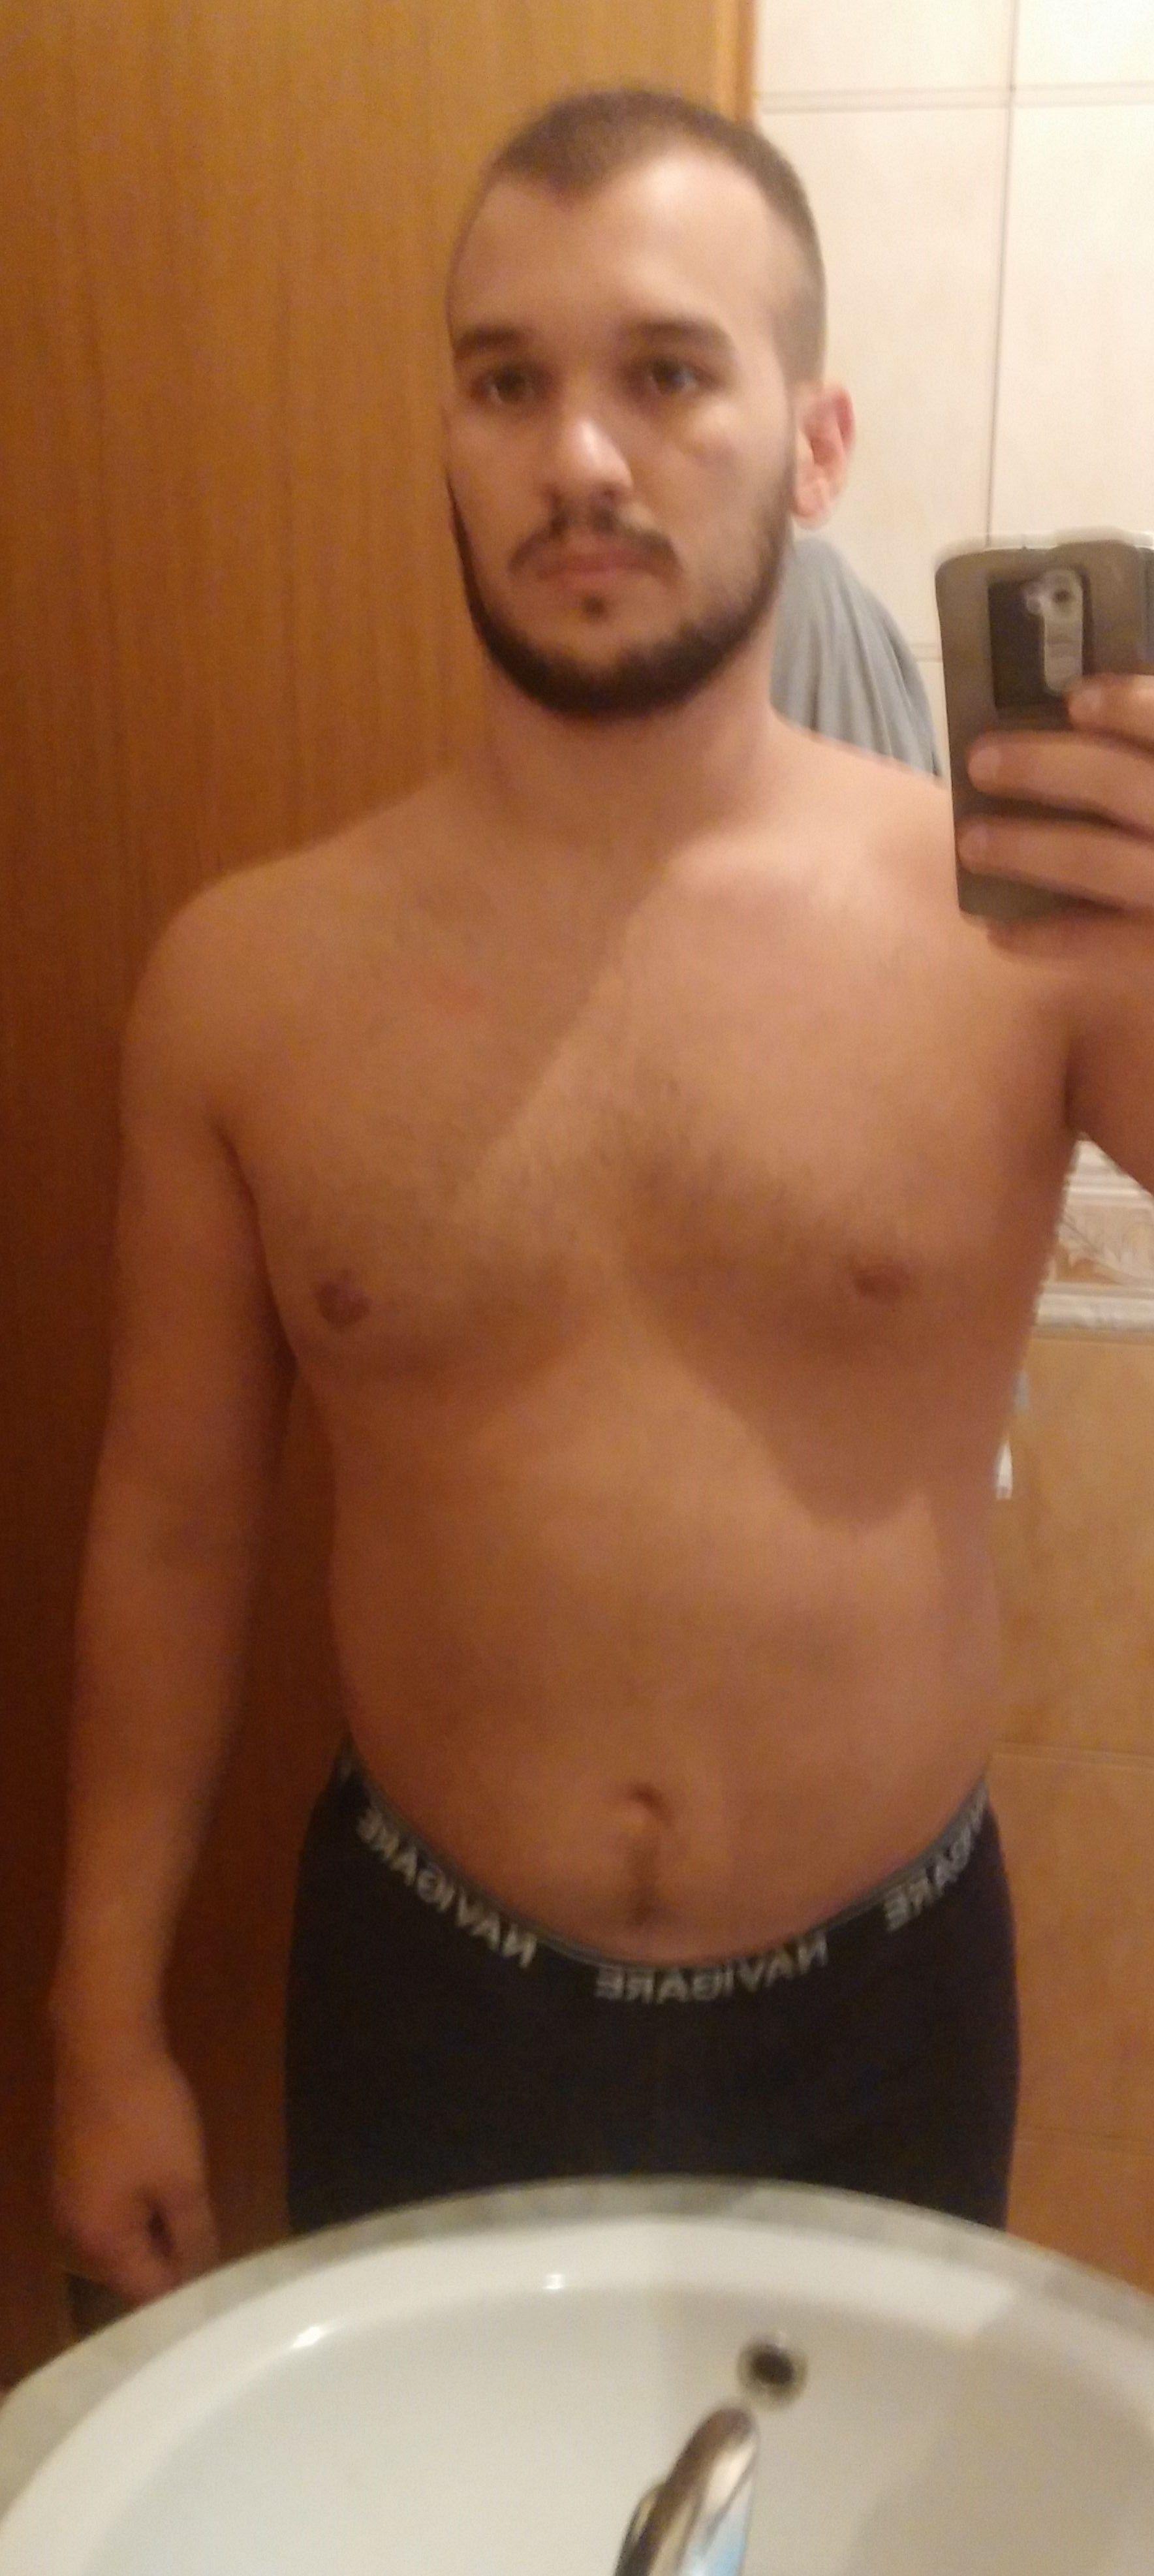 Thrive weight loss calhoun ga photo 7